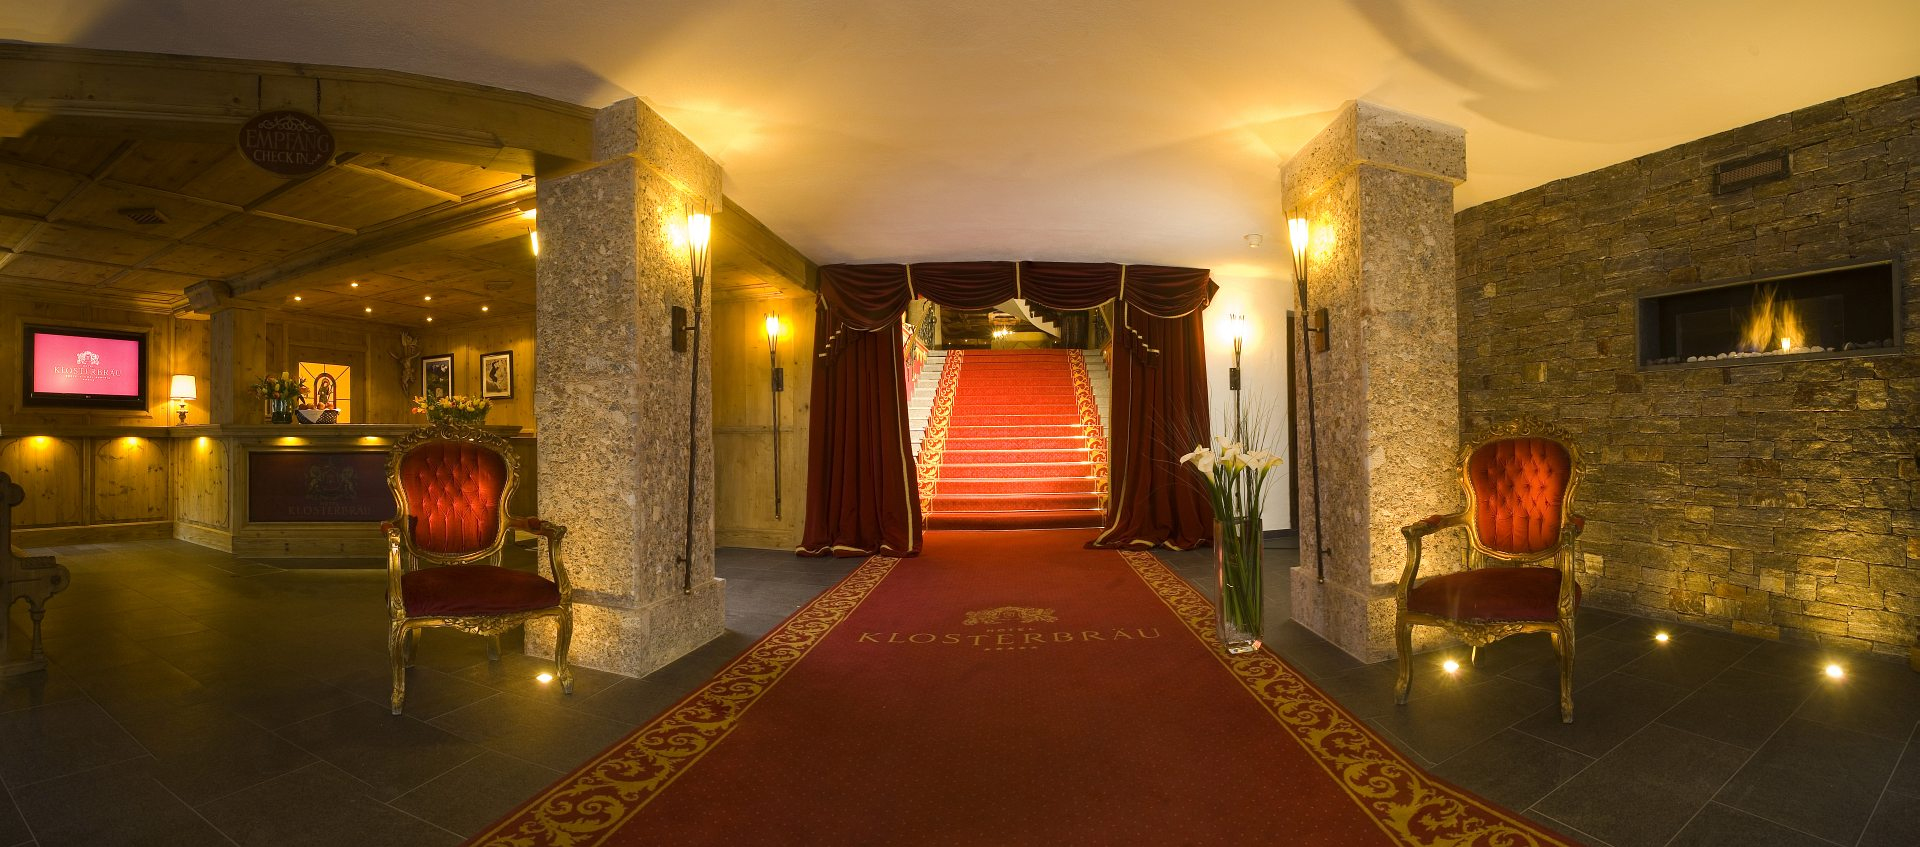 Der Klosterbräu in Seefeld kommuniziert mit seinen Gästen ab sofort überden Hotelkanal INNFO.tv !